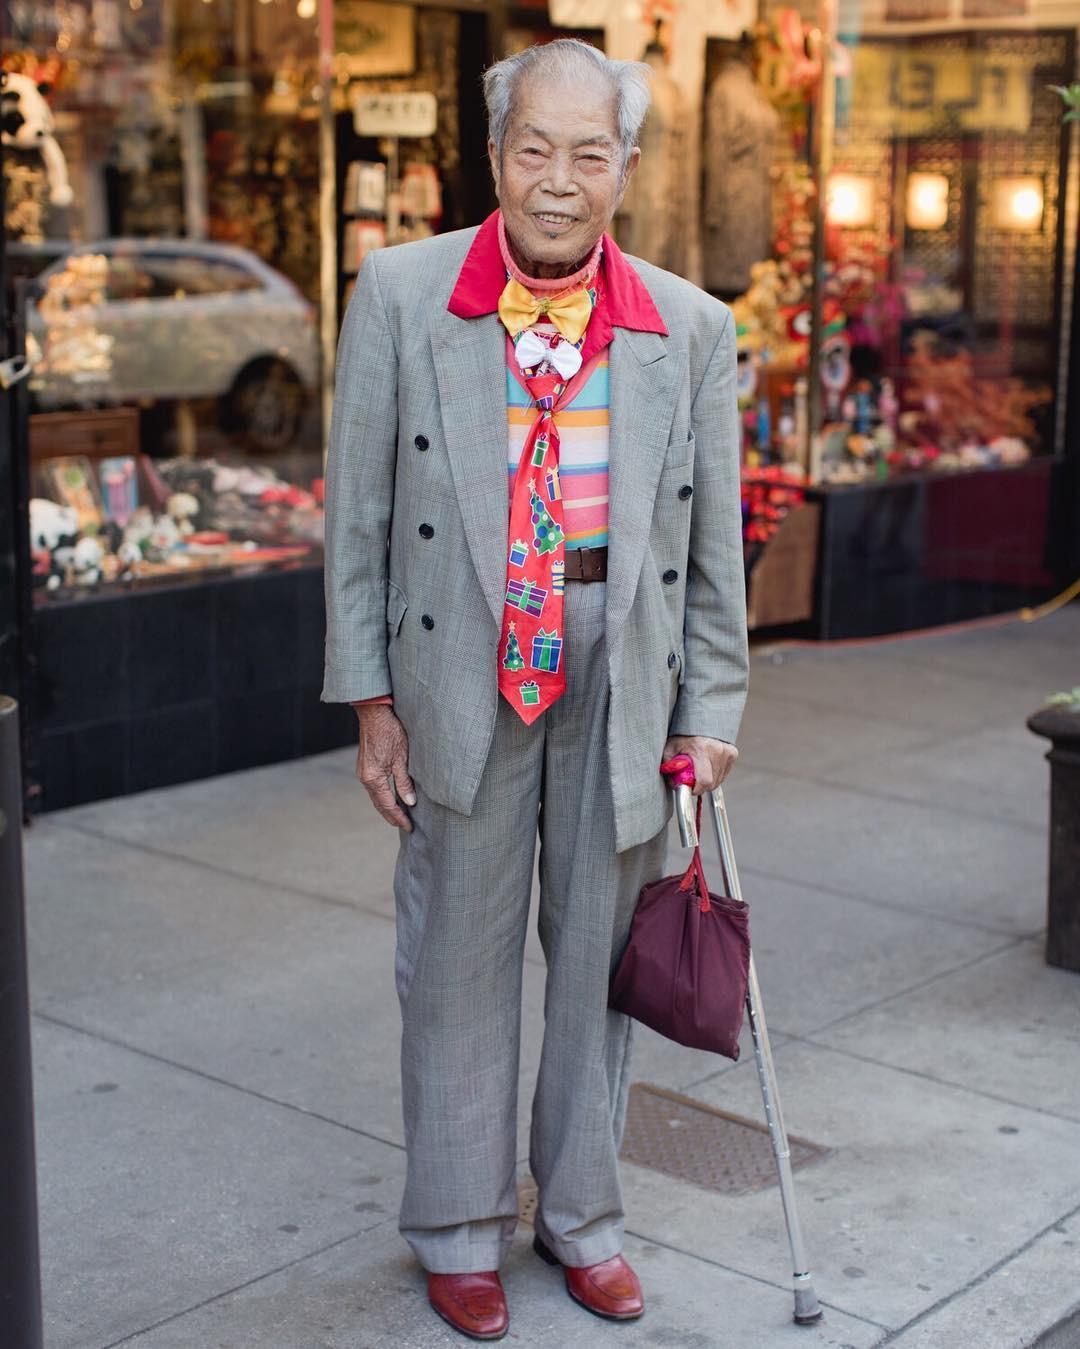 Không đăng hình giới trẻ, tài khoản Instagram này lại tôn vinh street style đi chợ của các cụ già và được hưởng ứng vô cùng - Ảnh 12.